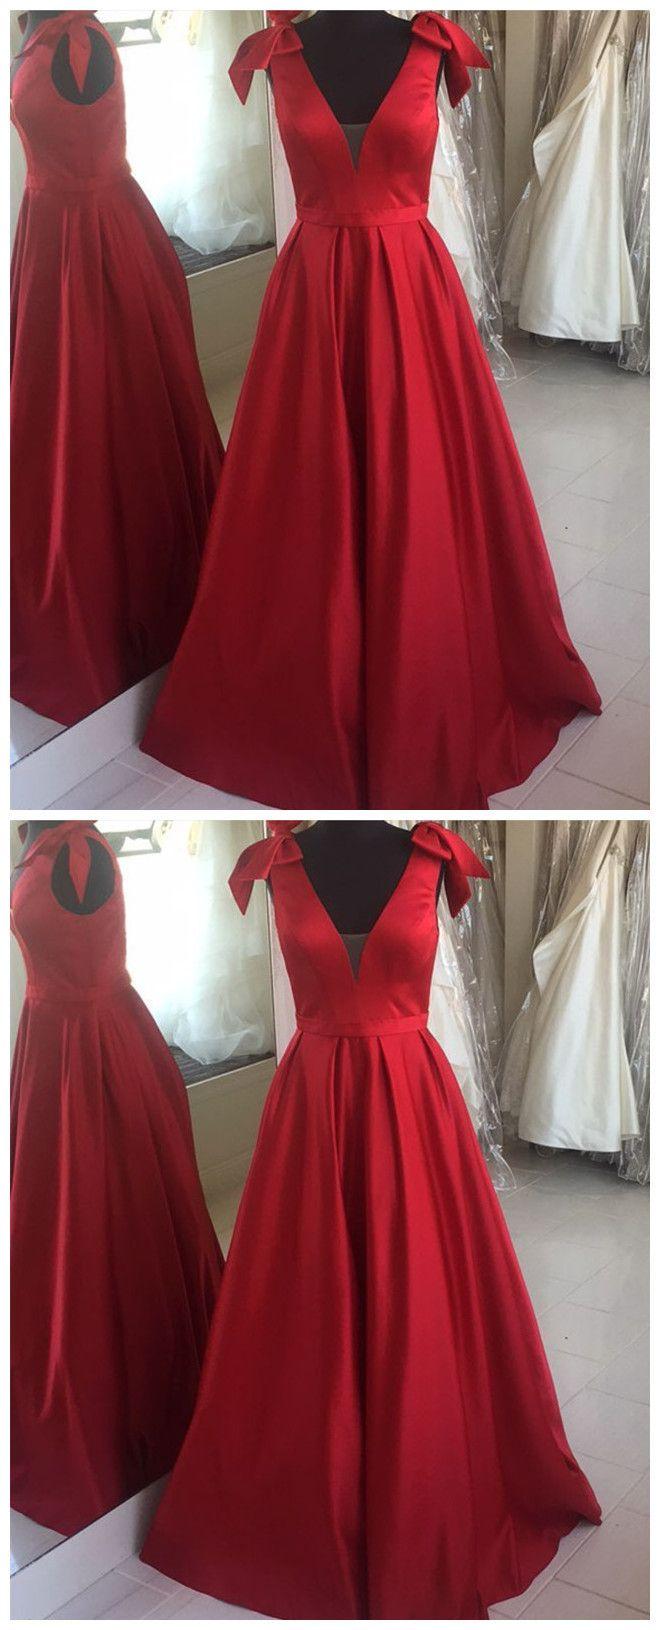 的 satin aline long prom dress evening dress featuring bow